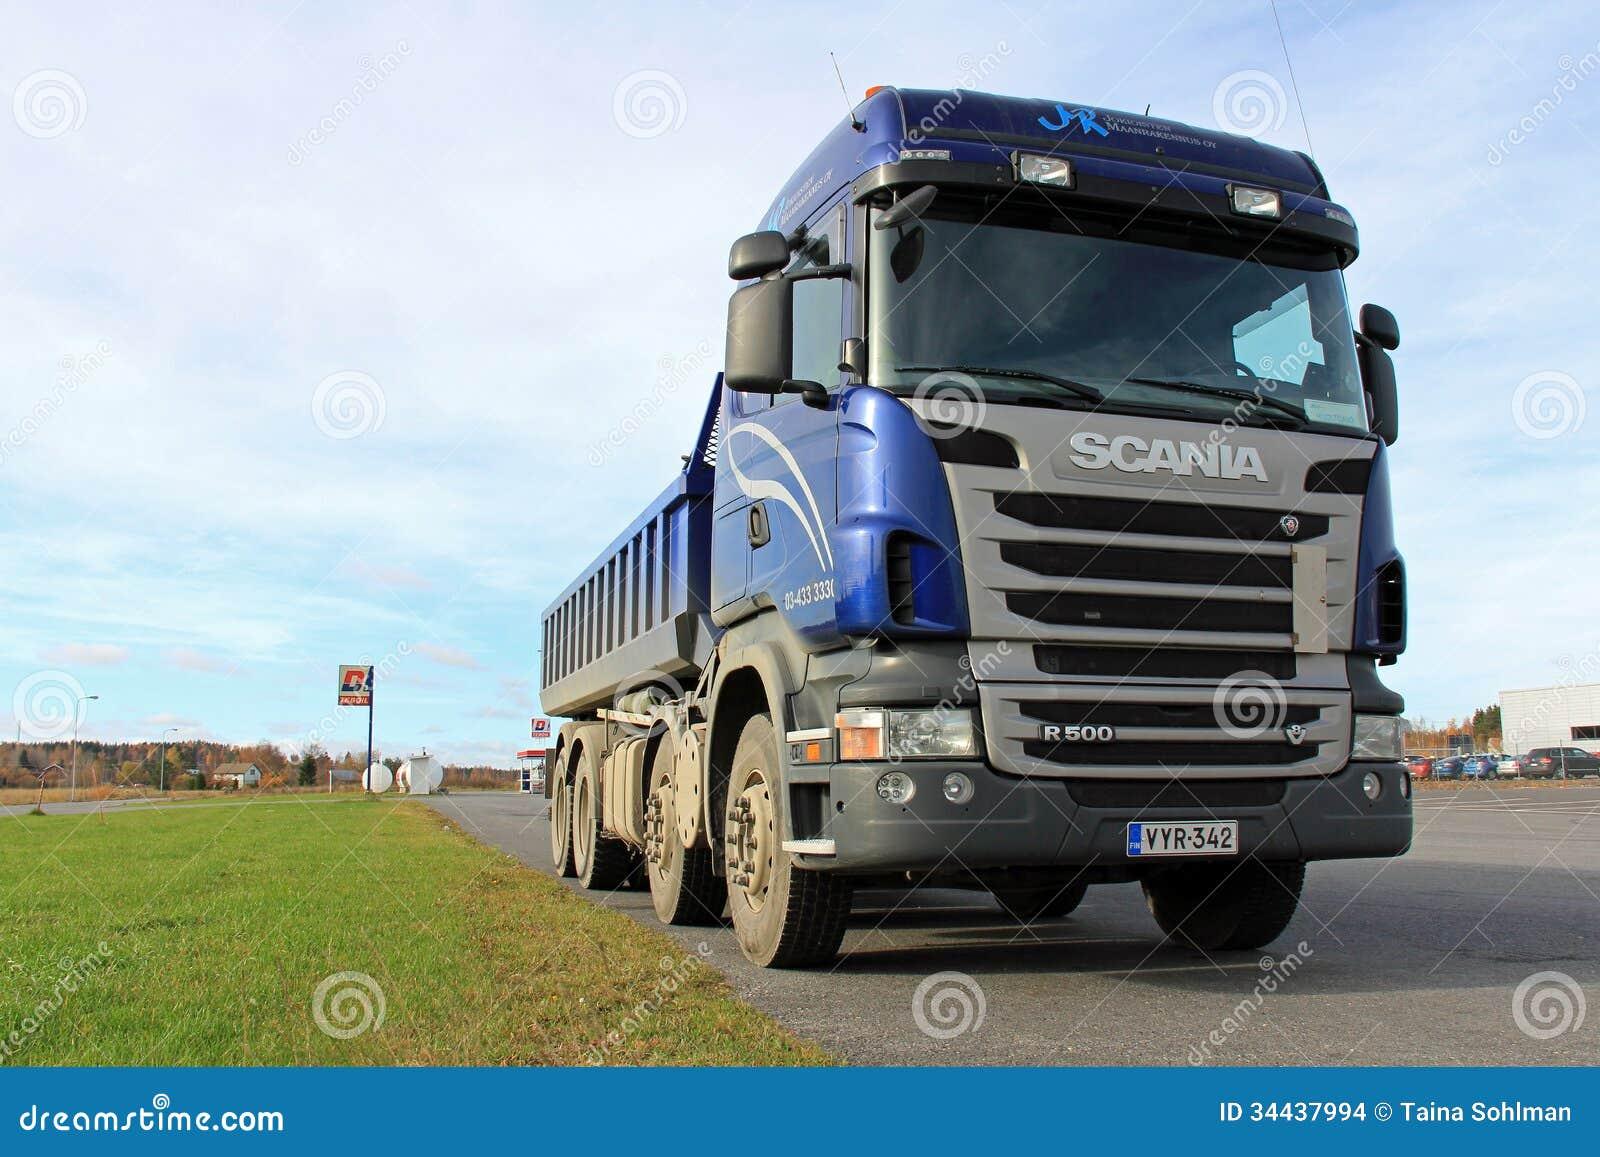 Scania bleu Tipper Truck sur un parking